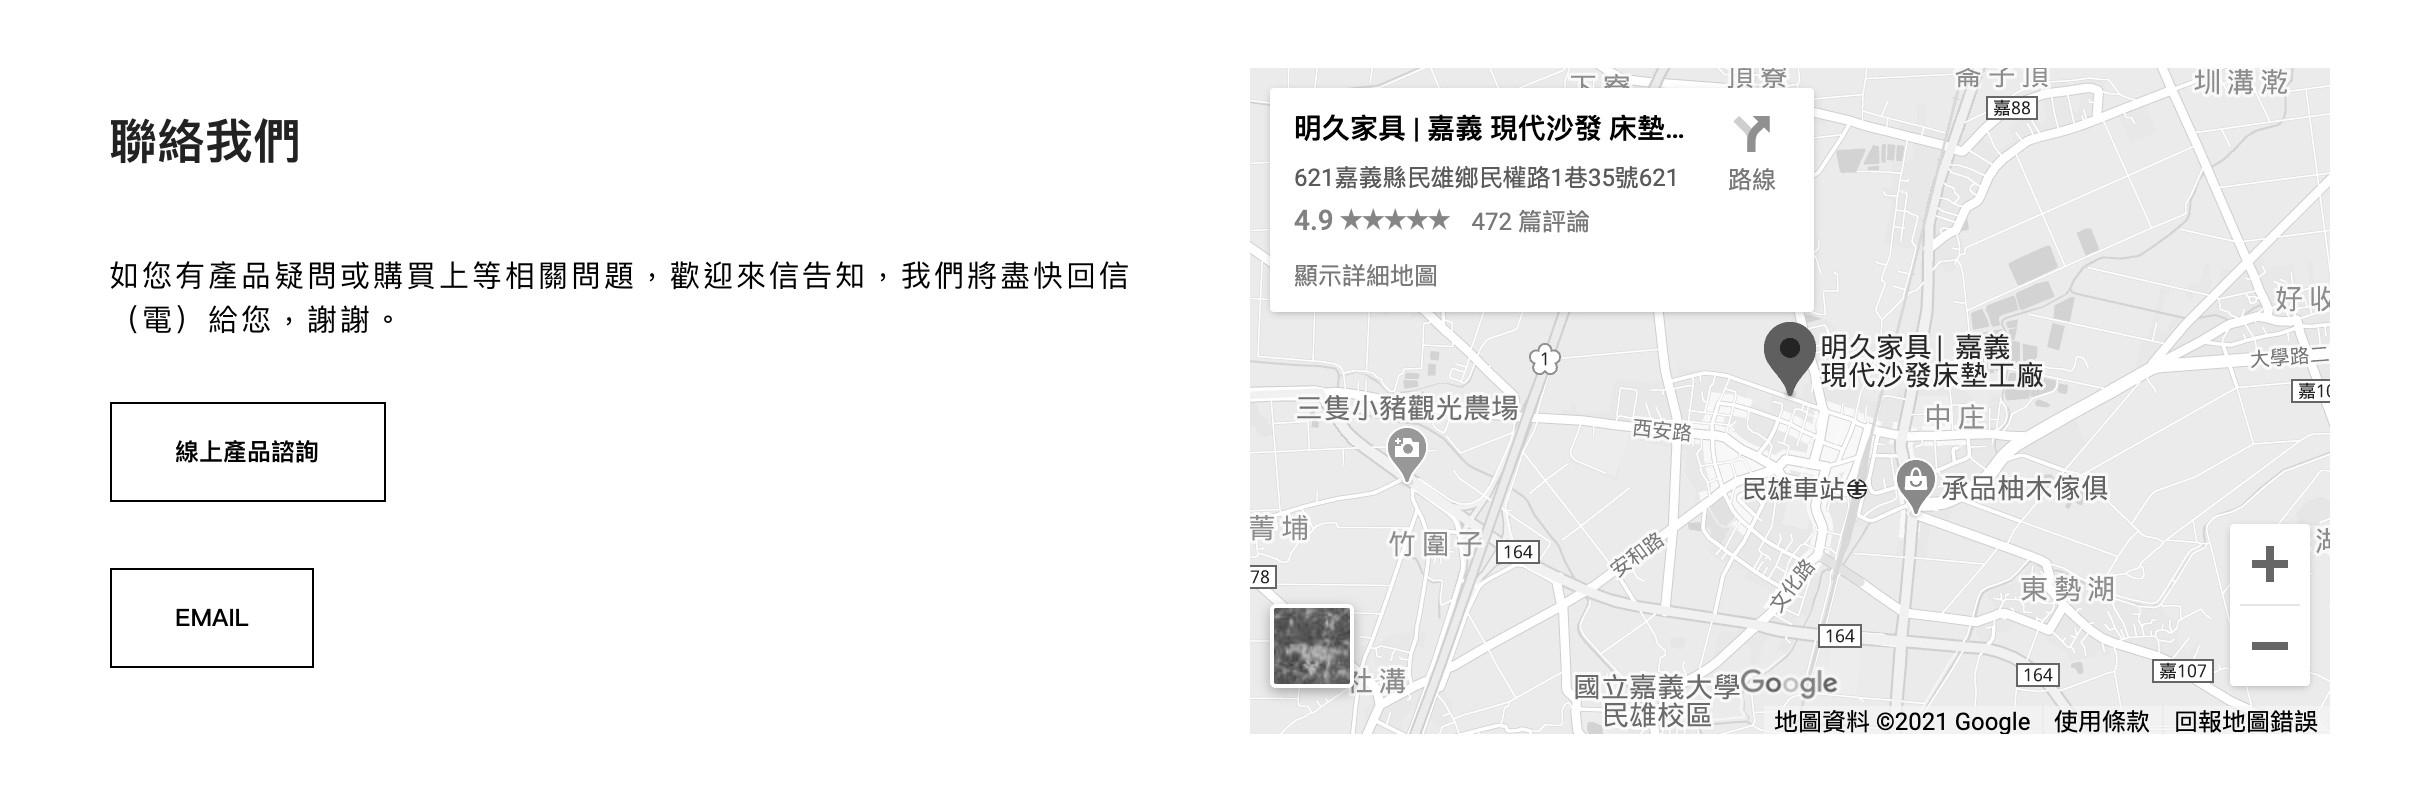 嘉義SEO網頁設計成功案例-聯絡我們|明久家具-嘉義沙發、床墊工廠推薦品牌